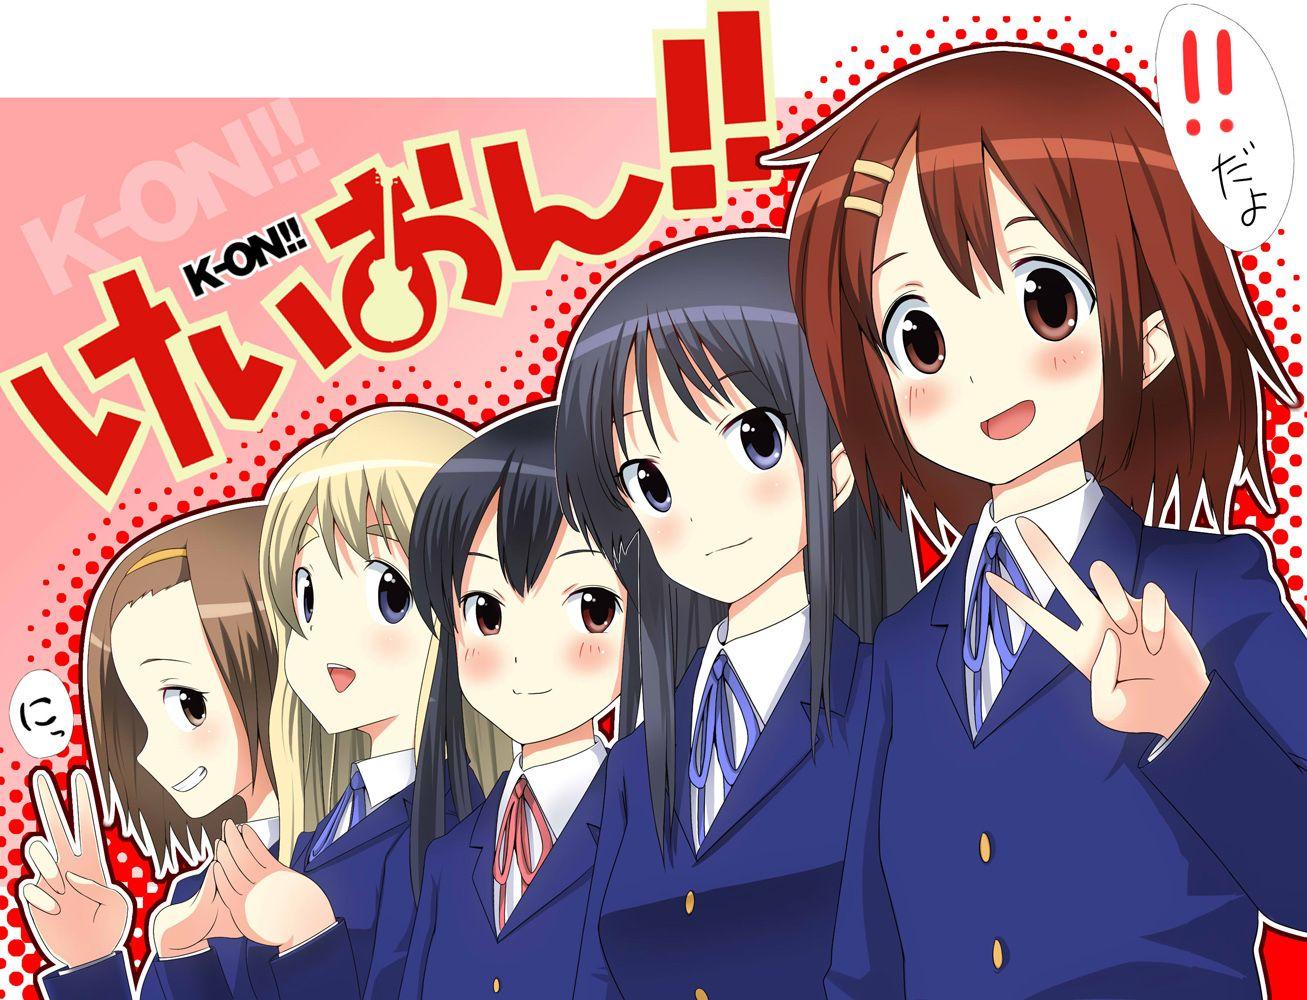 Konachan.com - 72819 akiyama_mio hirasawa_yui k-on! kotobuki_tsumugi nakano_azusa seifuku tainaka_ritsu